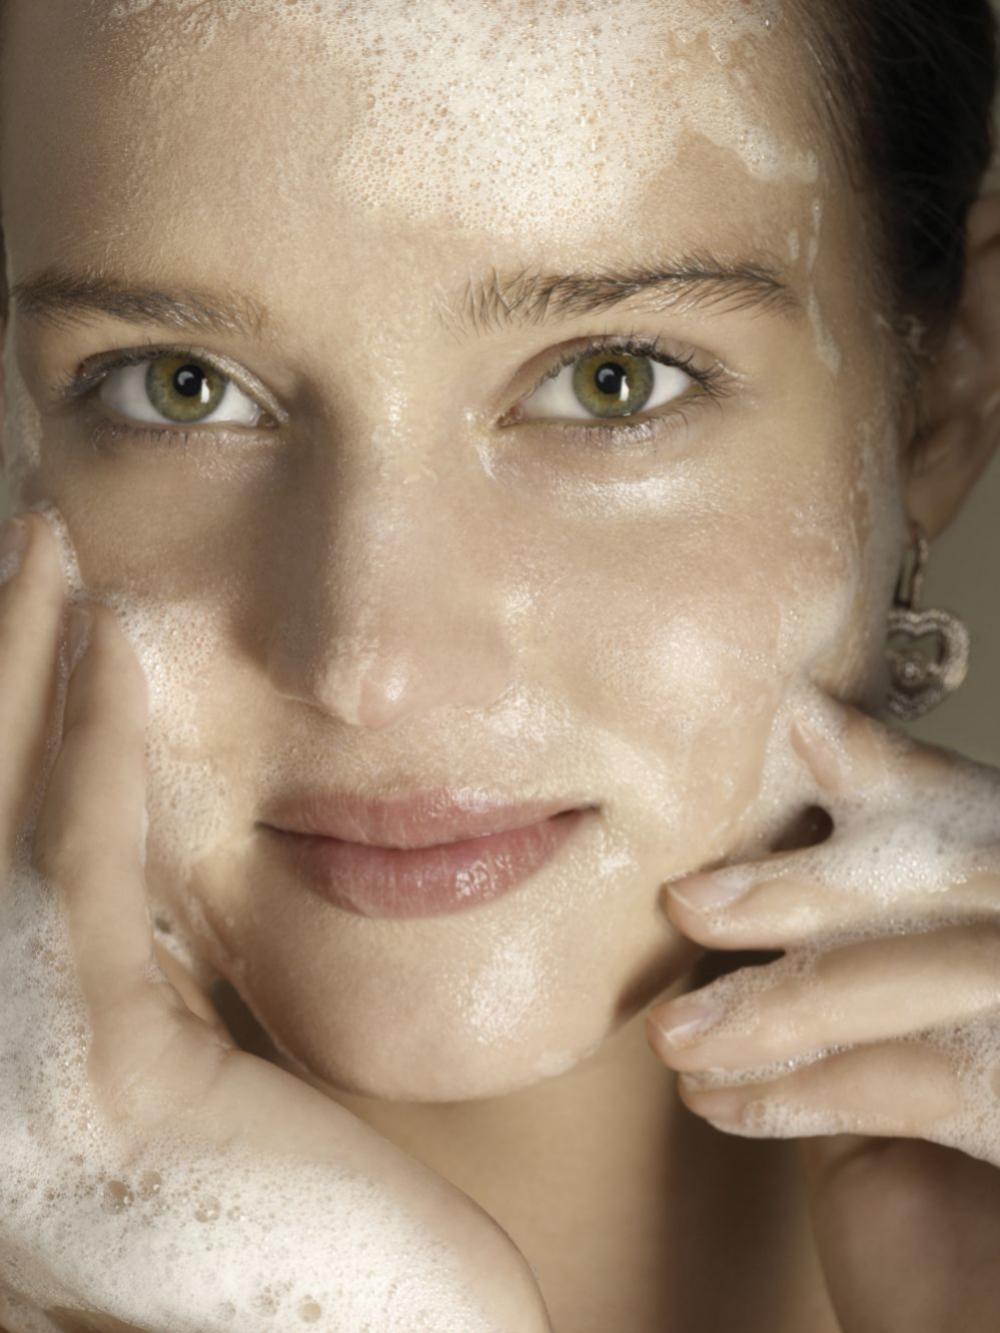 Una higiene adecuada es esencial para combatir el acné.